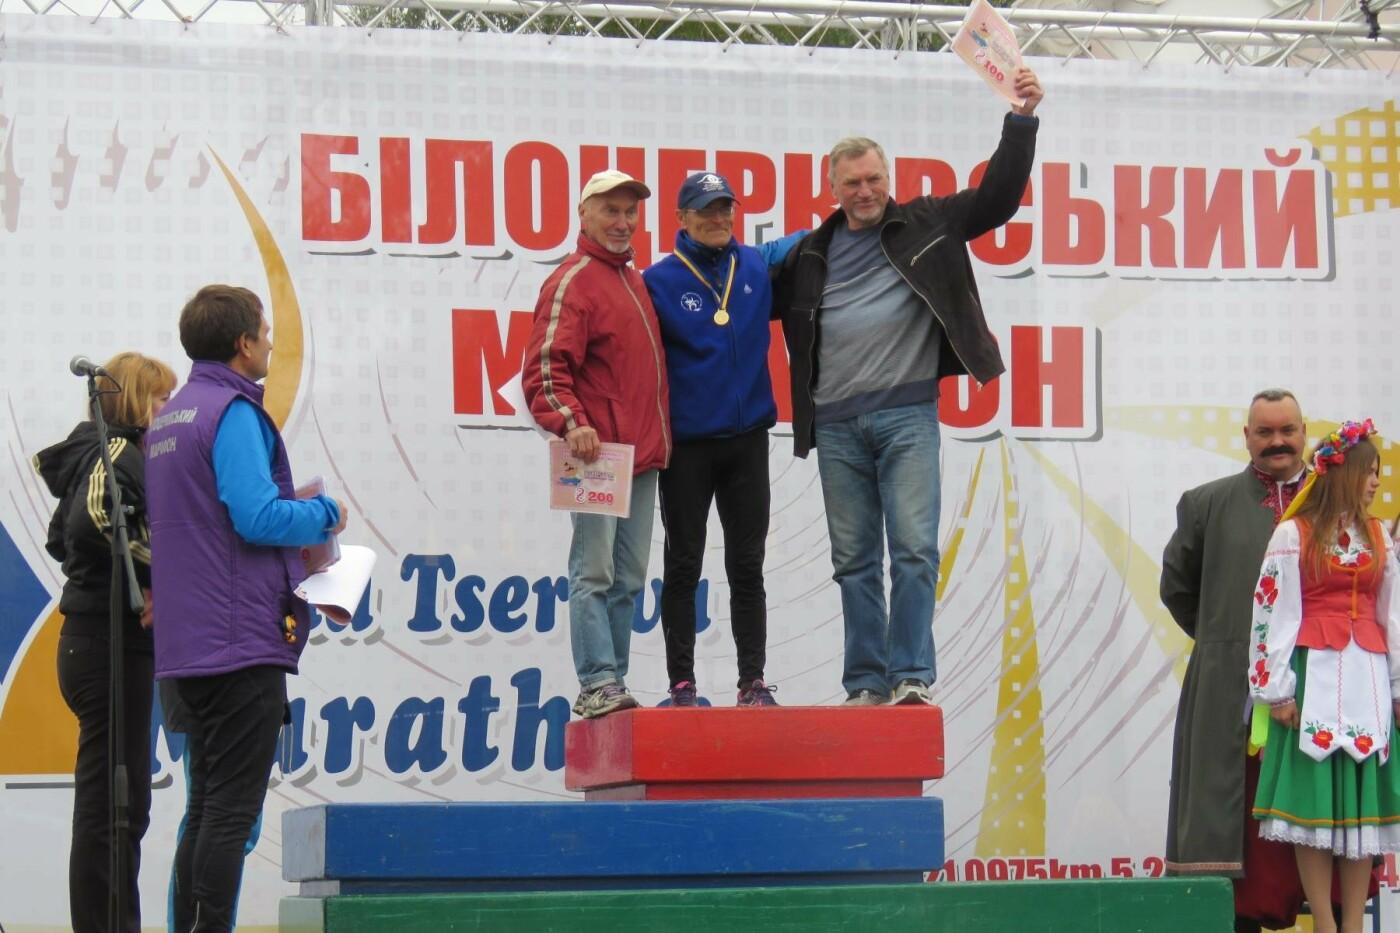 Найстаріший в Україні: як проходив Білоцерківський марафон-2017, фото-27